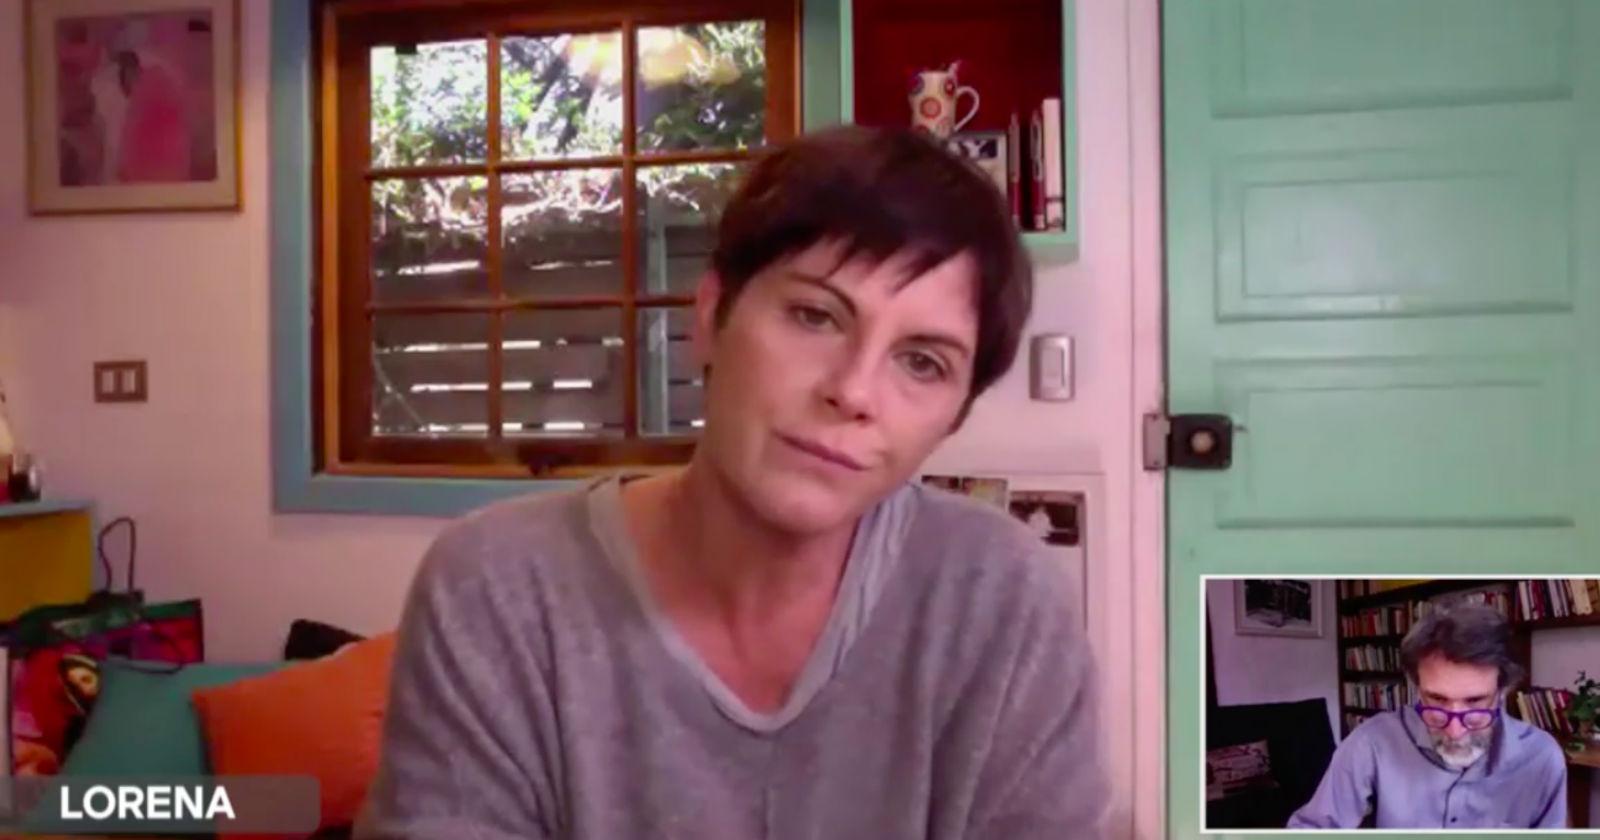 Paola Volpato desmenuza nuevo personaje de enfermera en tiempos de coronavirus